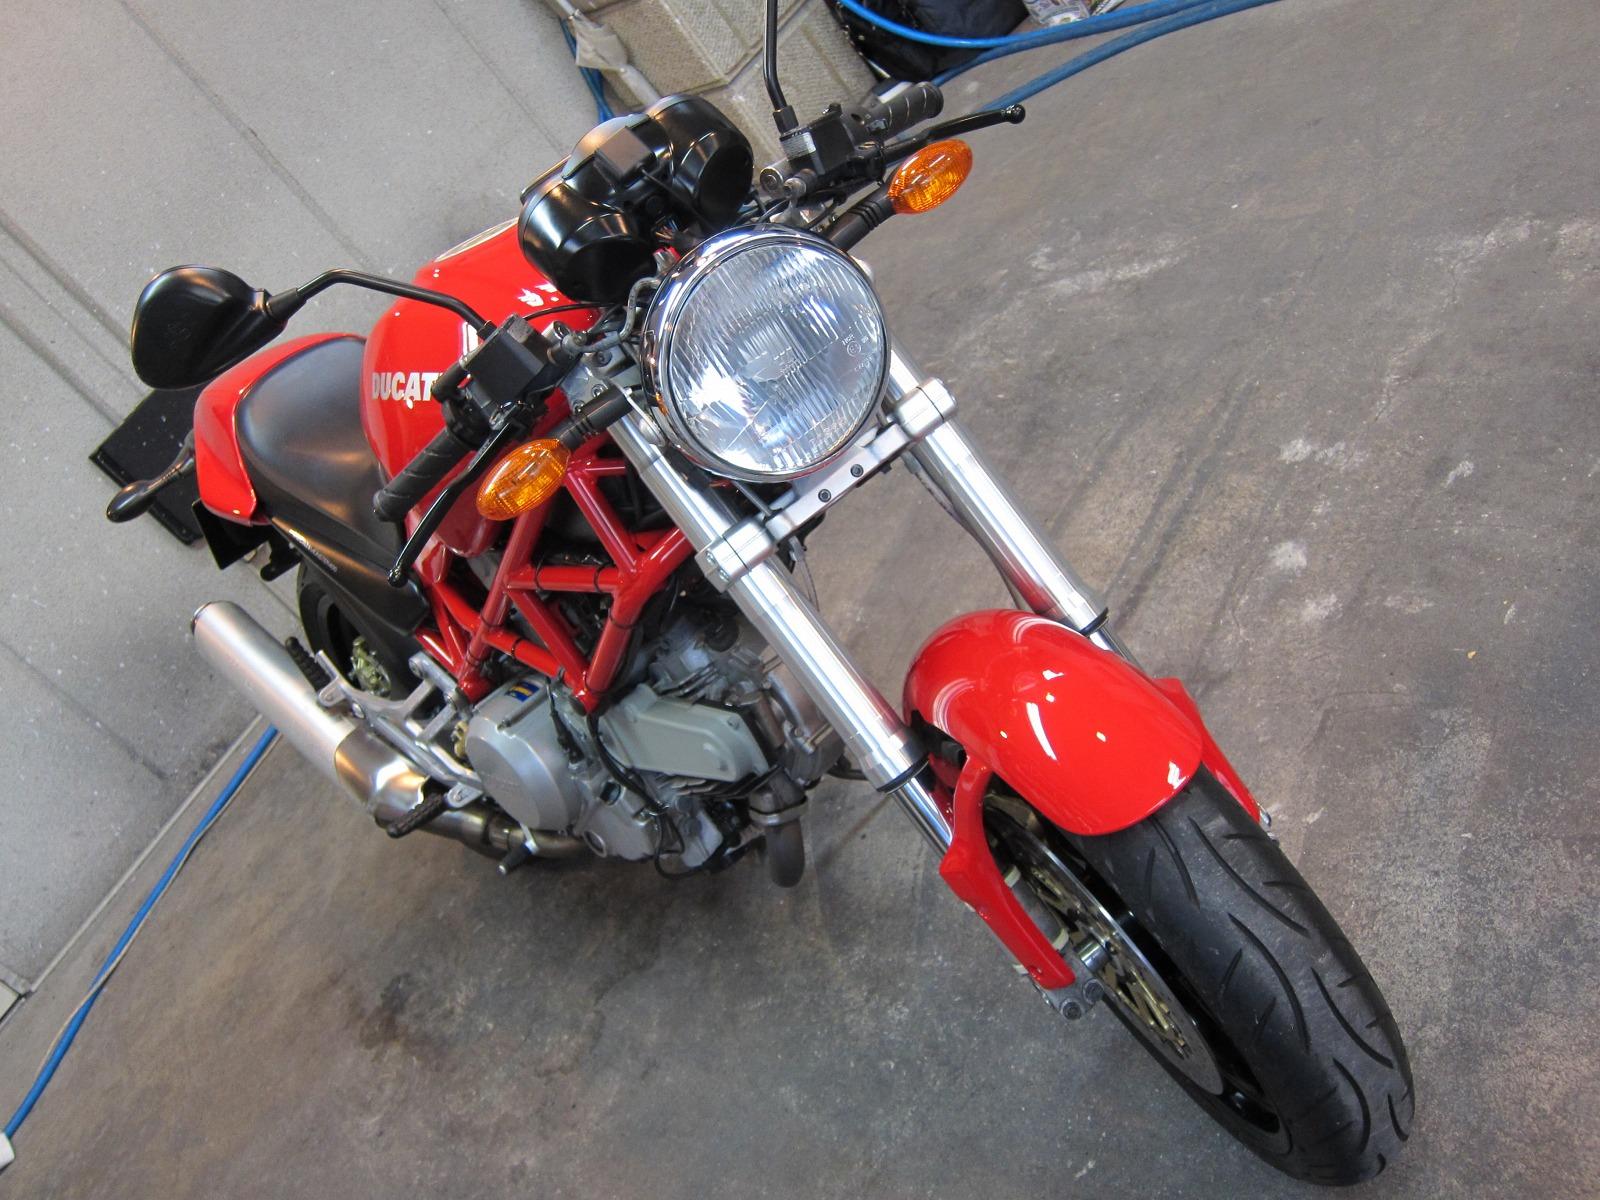 20130213-ducati-monster400-13